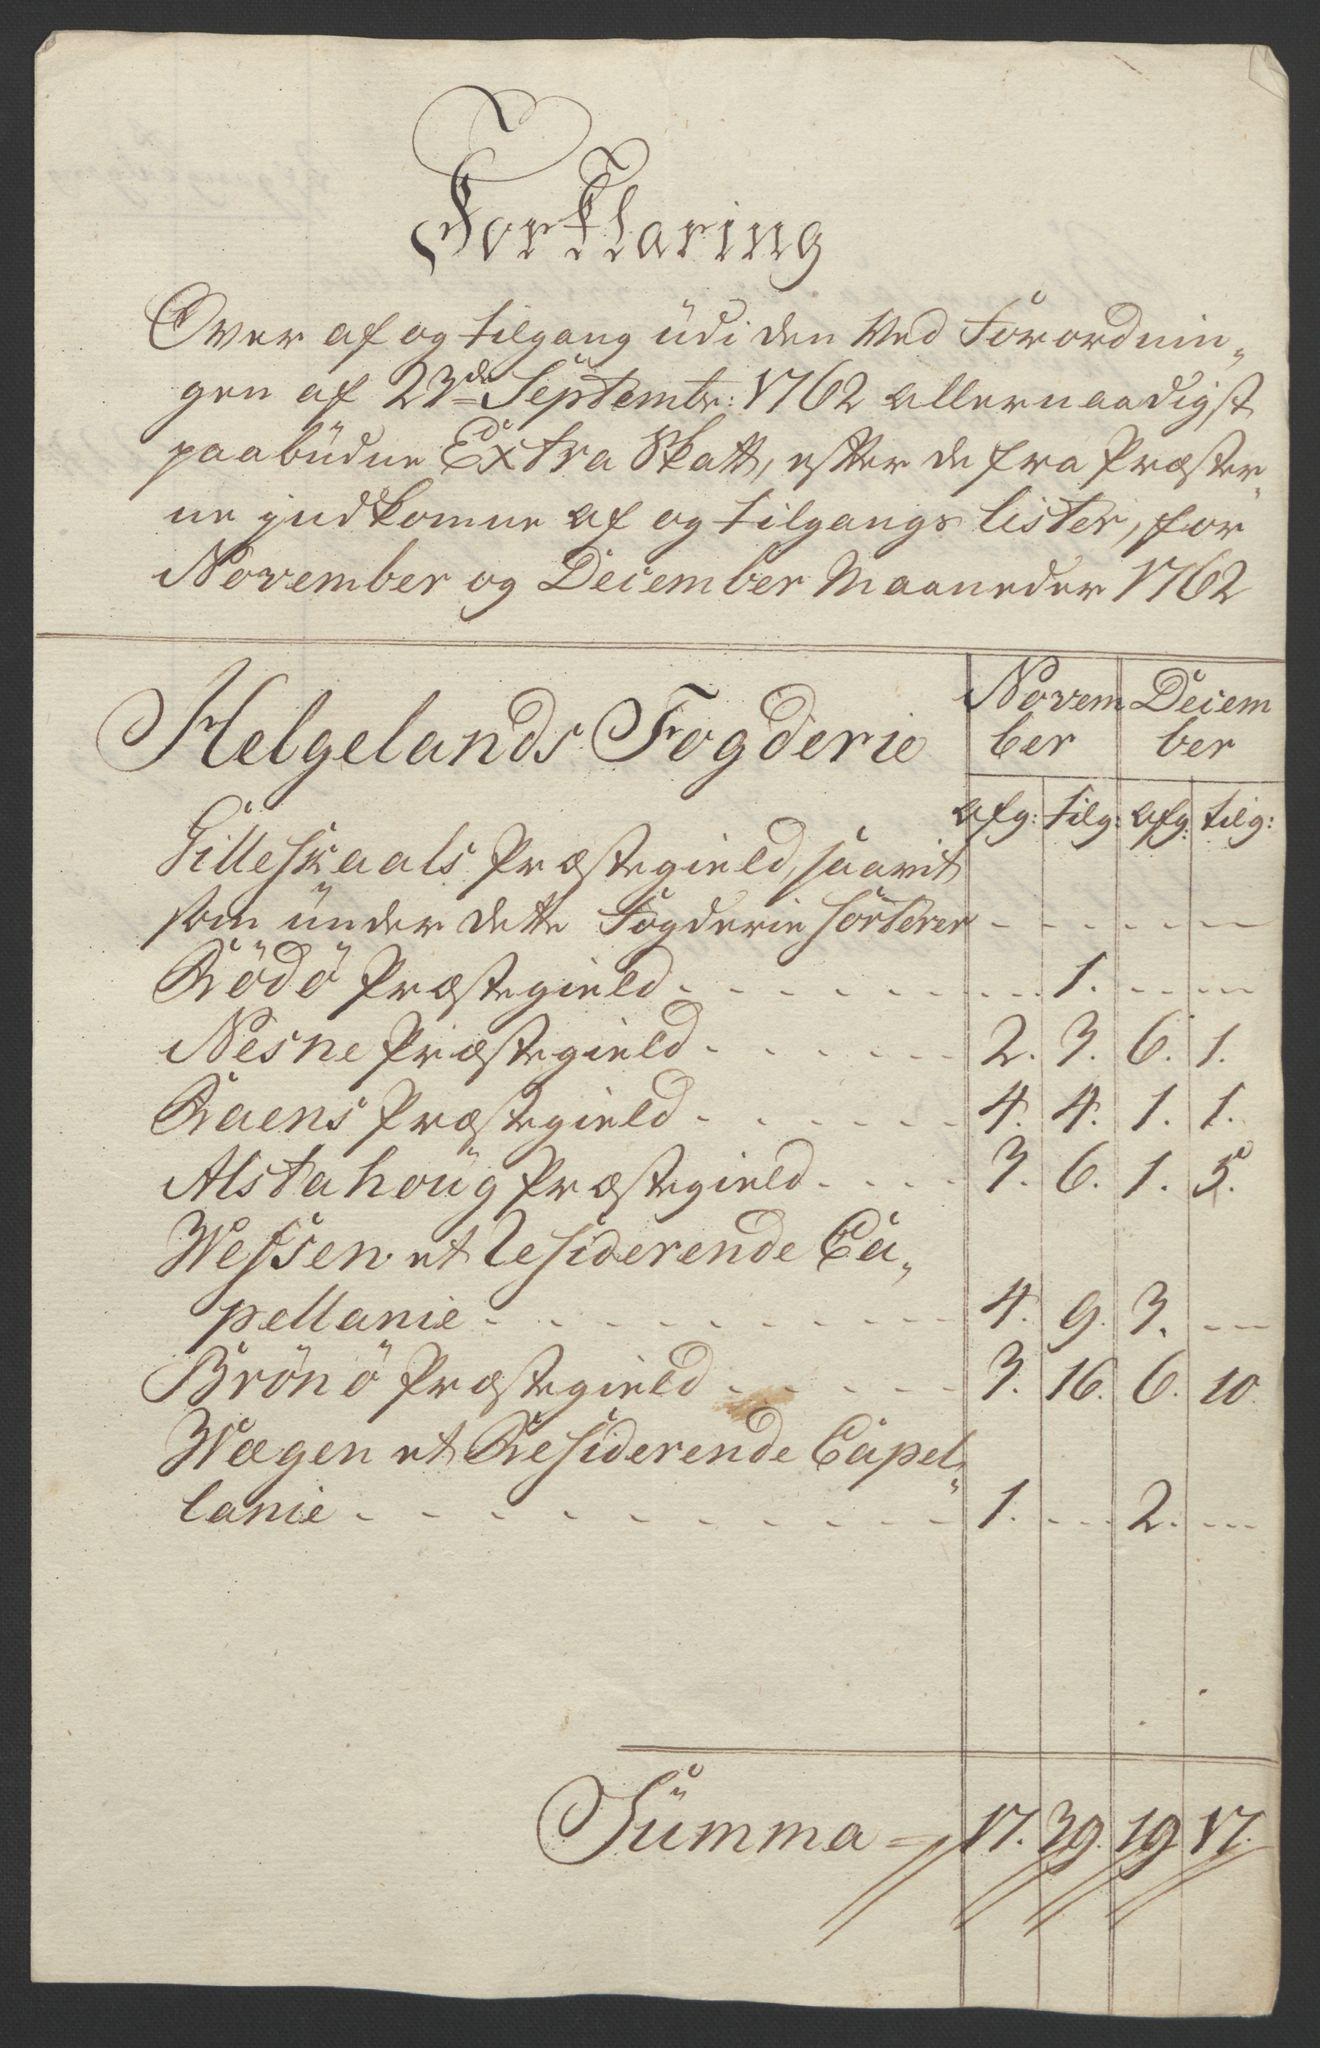 RA, Rentekammeret inntil 1814, Reviderte regnskaper, Fogderegnskap, R65/L4573: Ekstraskatten Helgeland, 1762-1772, s. 13